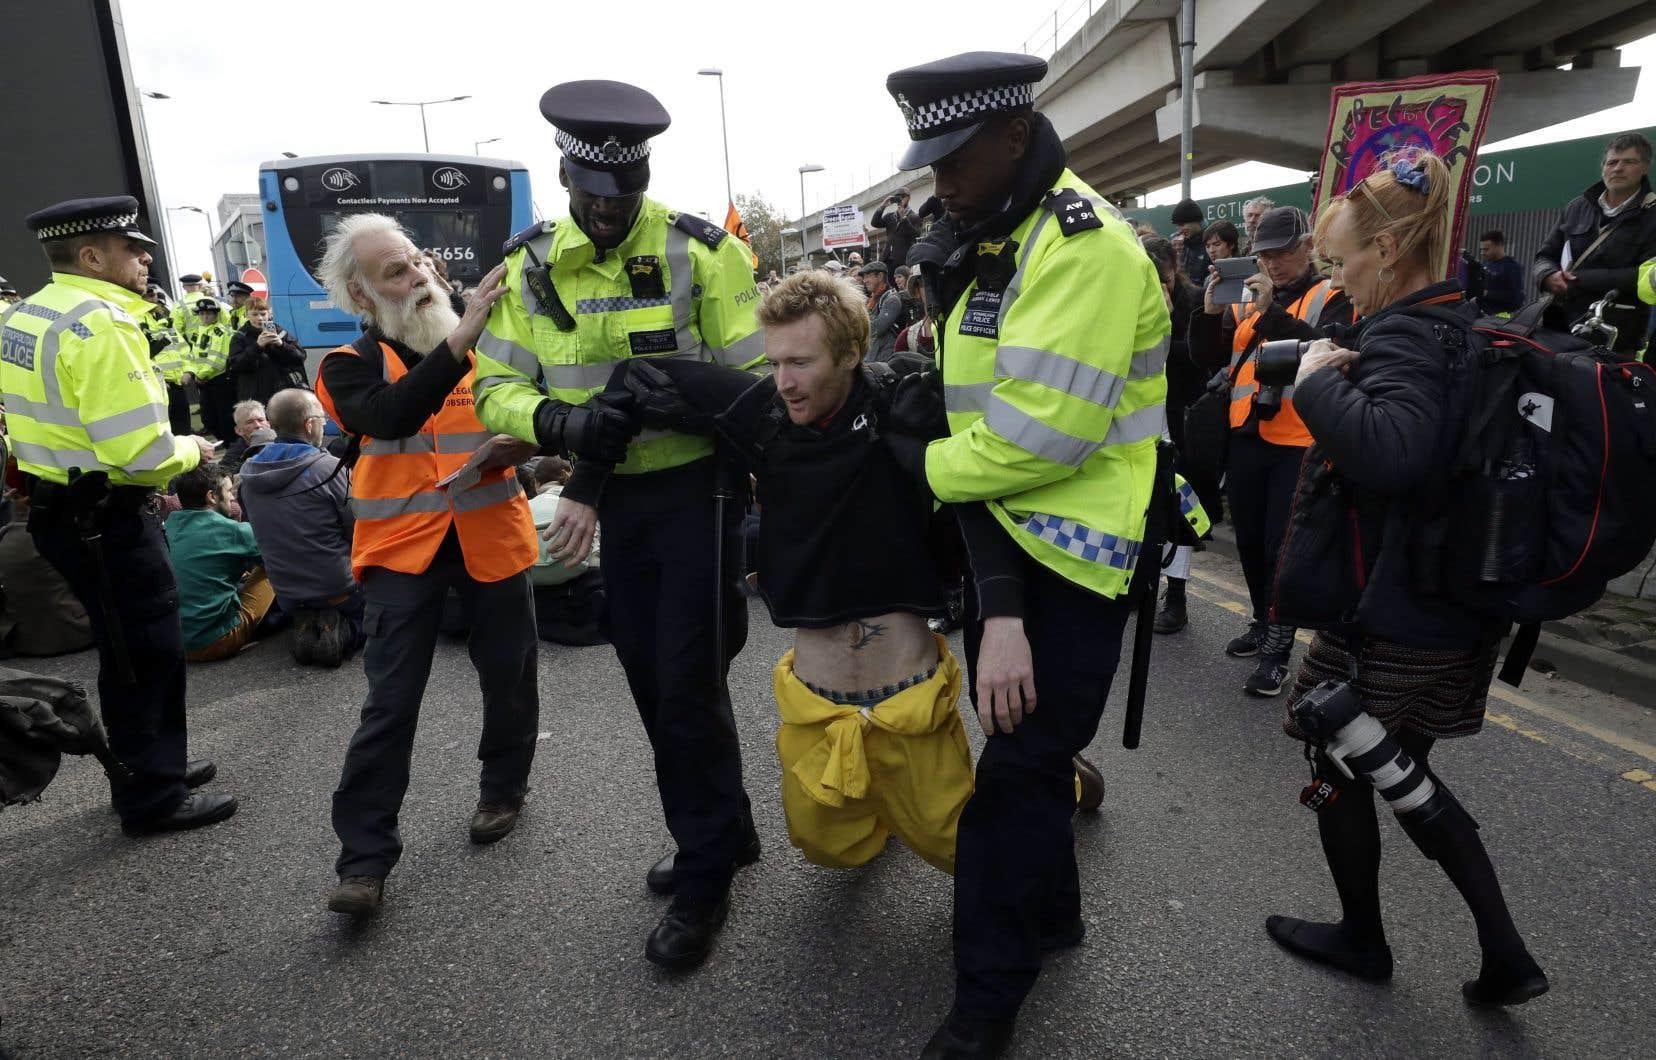 Des militants se sont rassemblés devant les locaux du service de renseignement MI5 tandis que des activistes plus âgés ont protesté devant Buckingham palace.